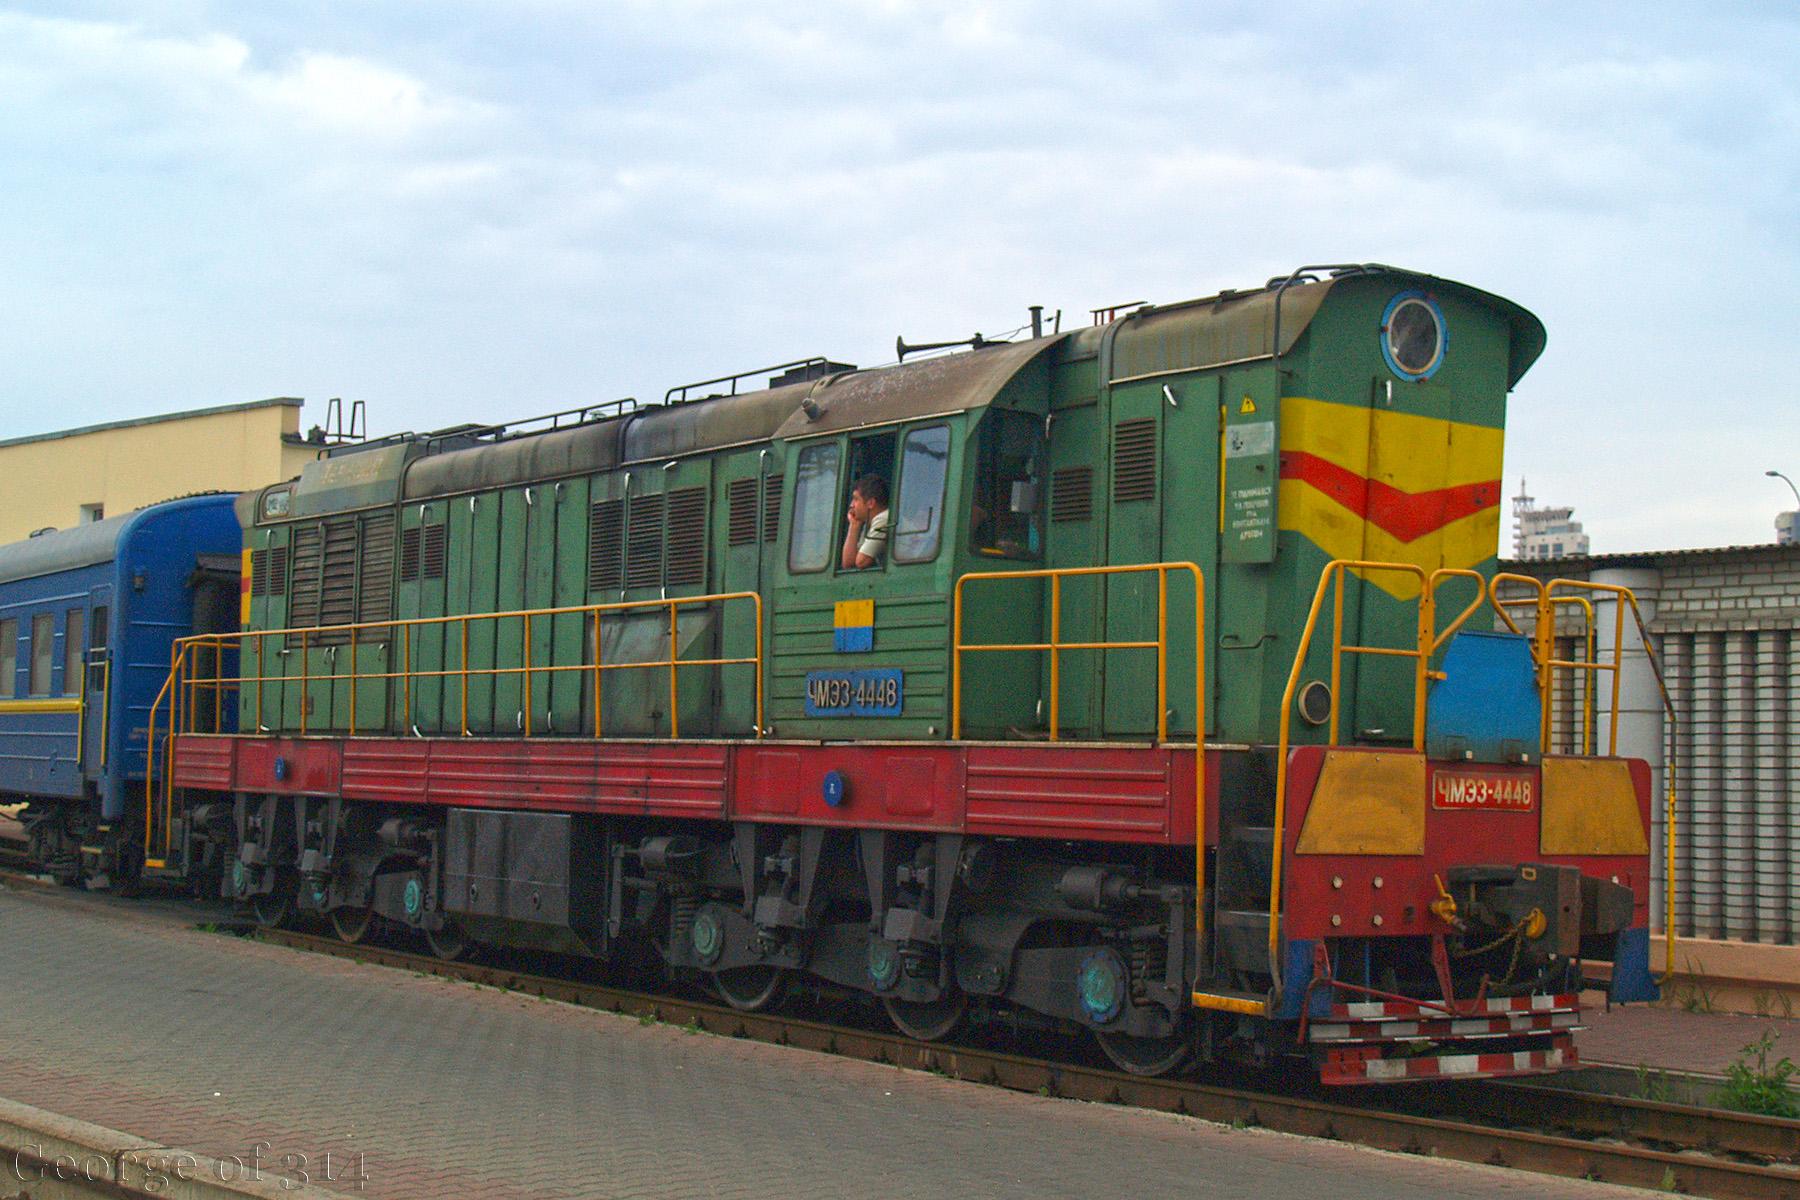 Тепловоз ЧМЭ3-4448, ст. Київ-Пасажирський